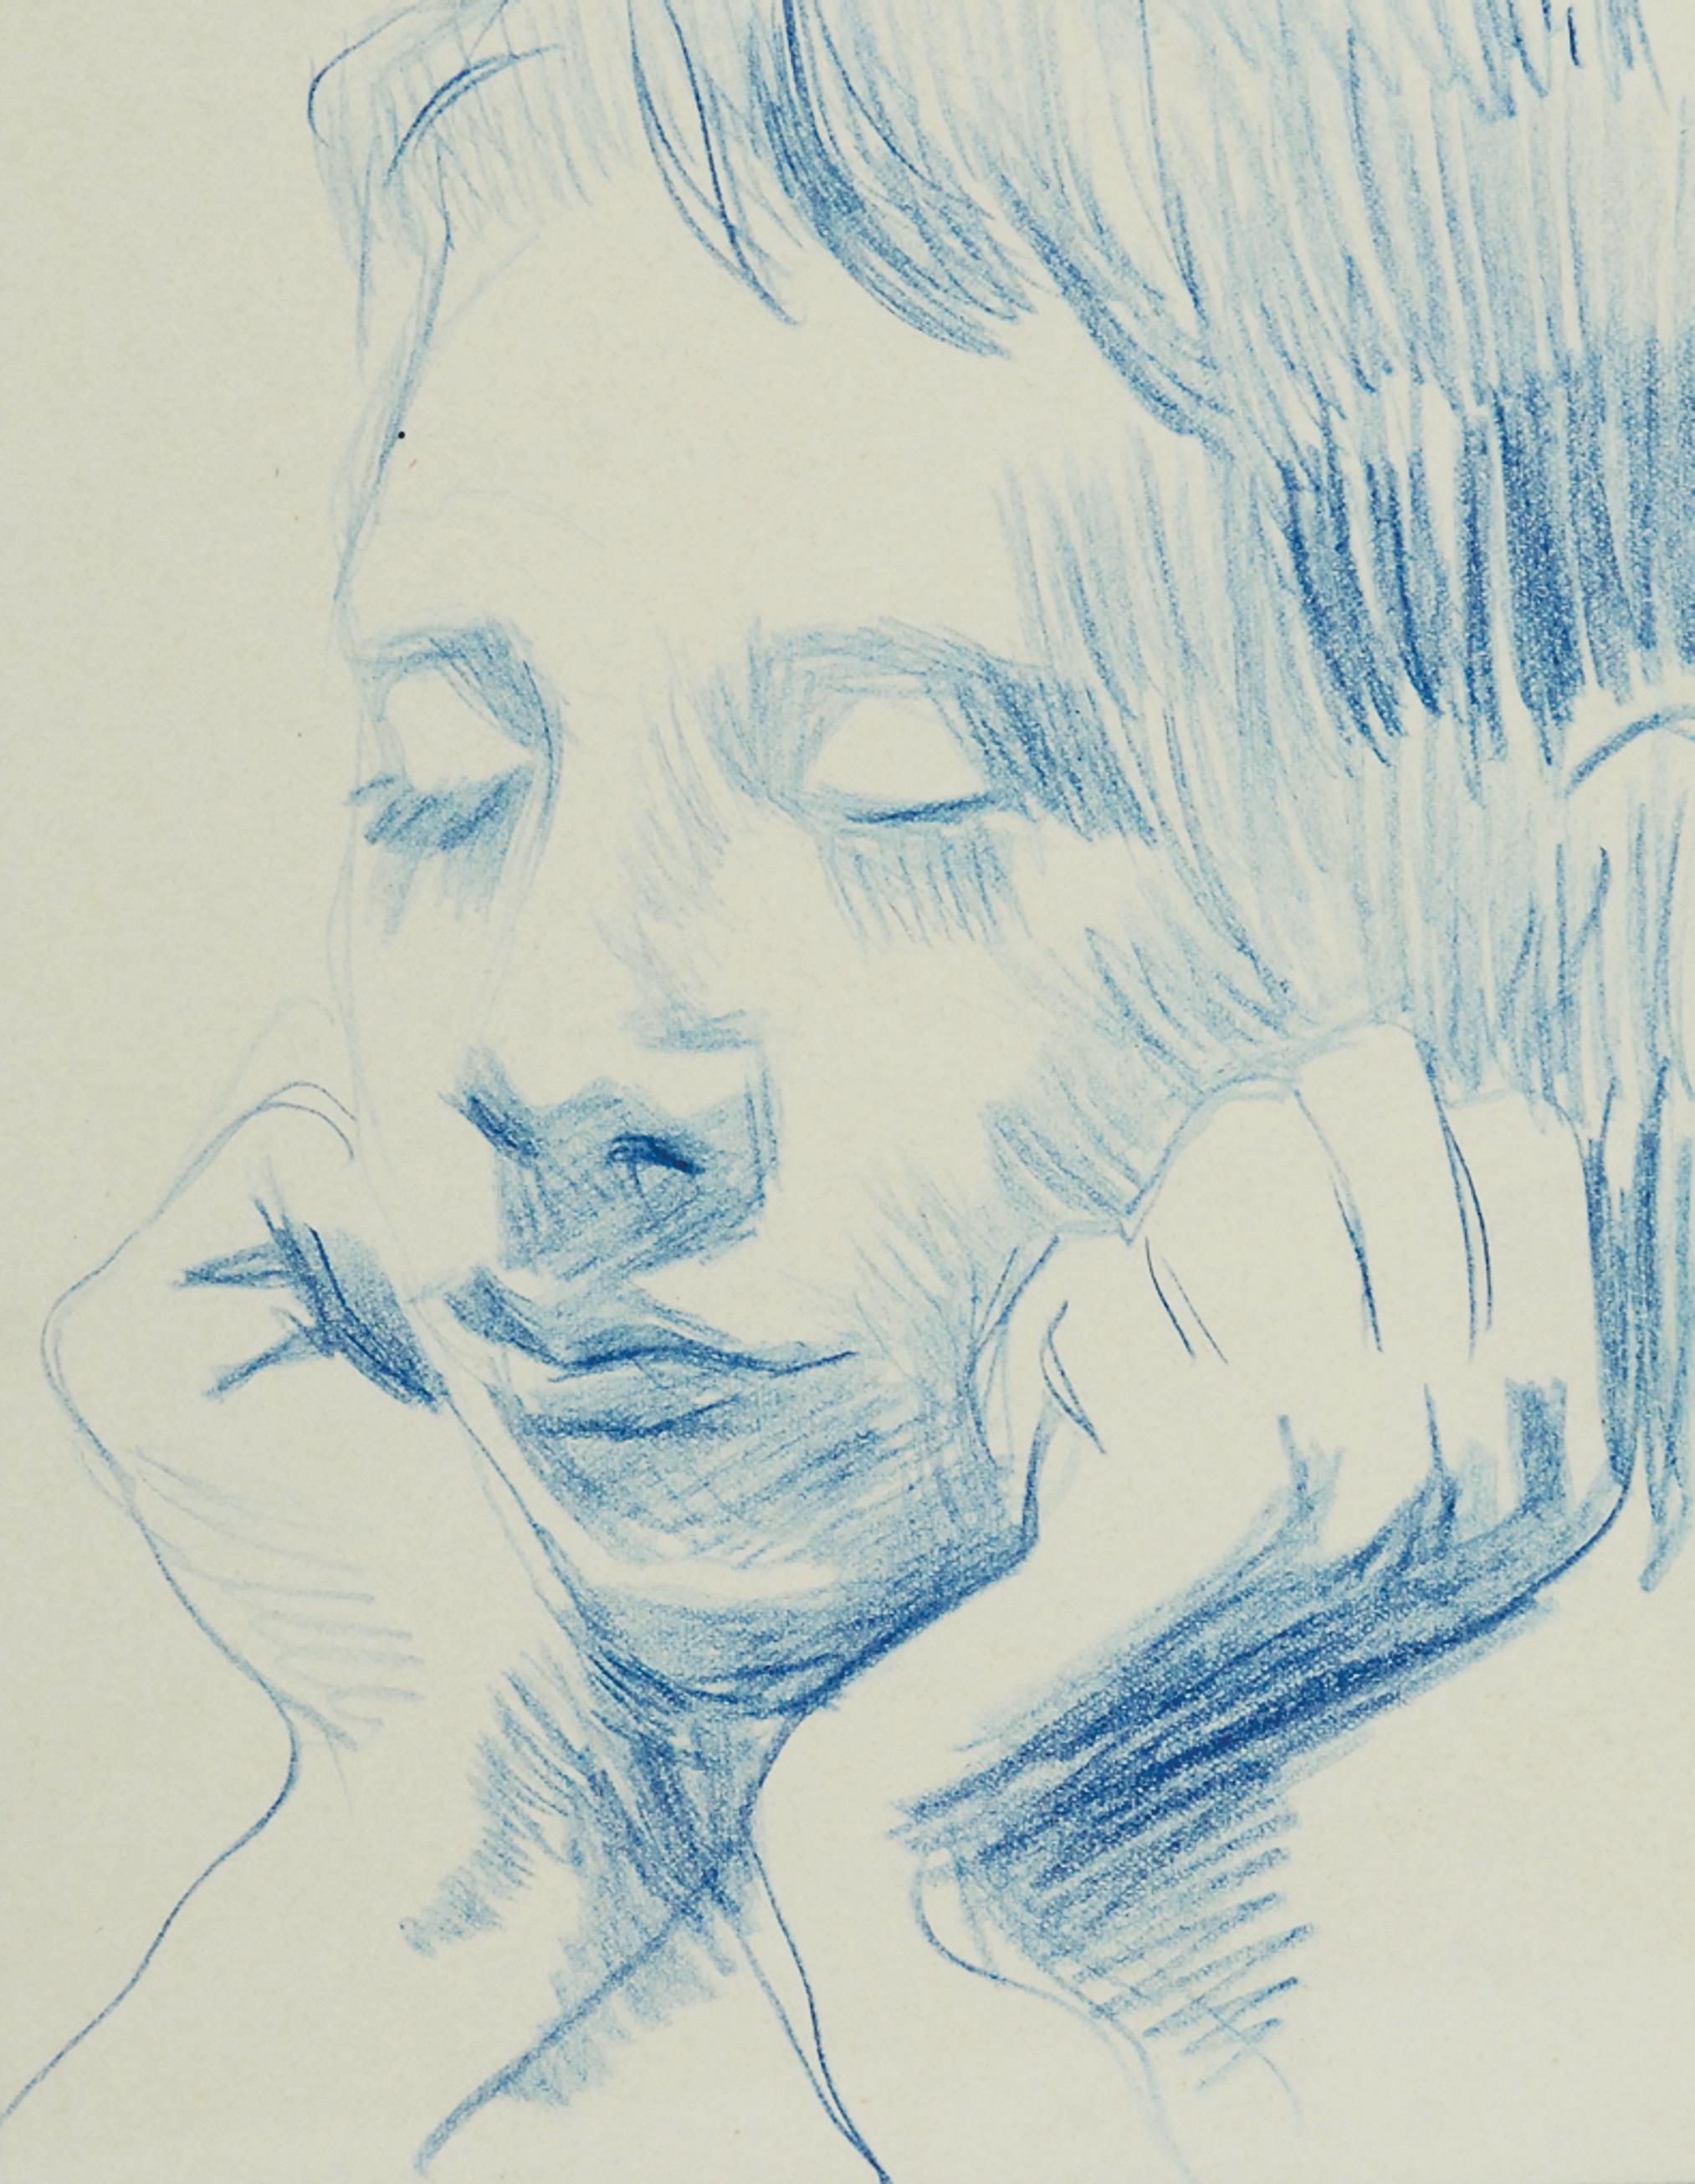 Głowa chłopca z zamkniętymi oczami, wsparta na dłoniach